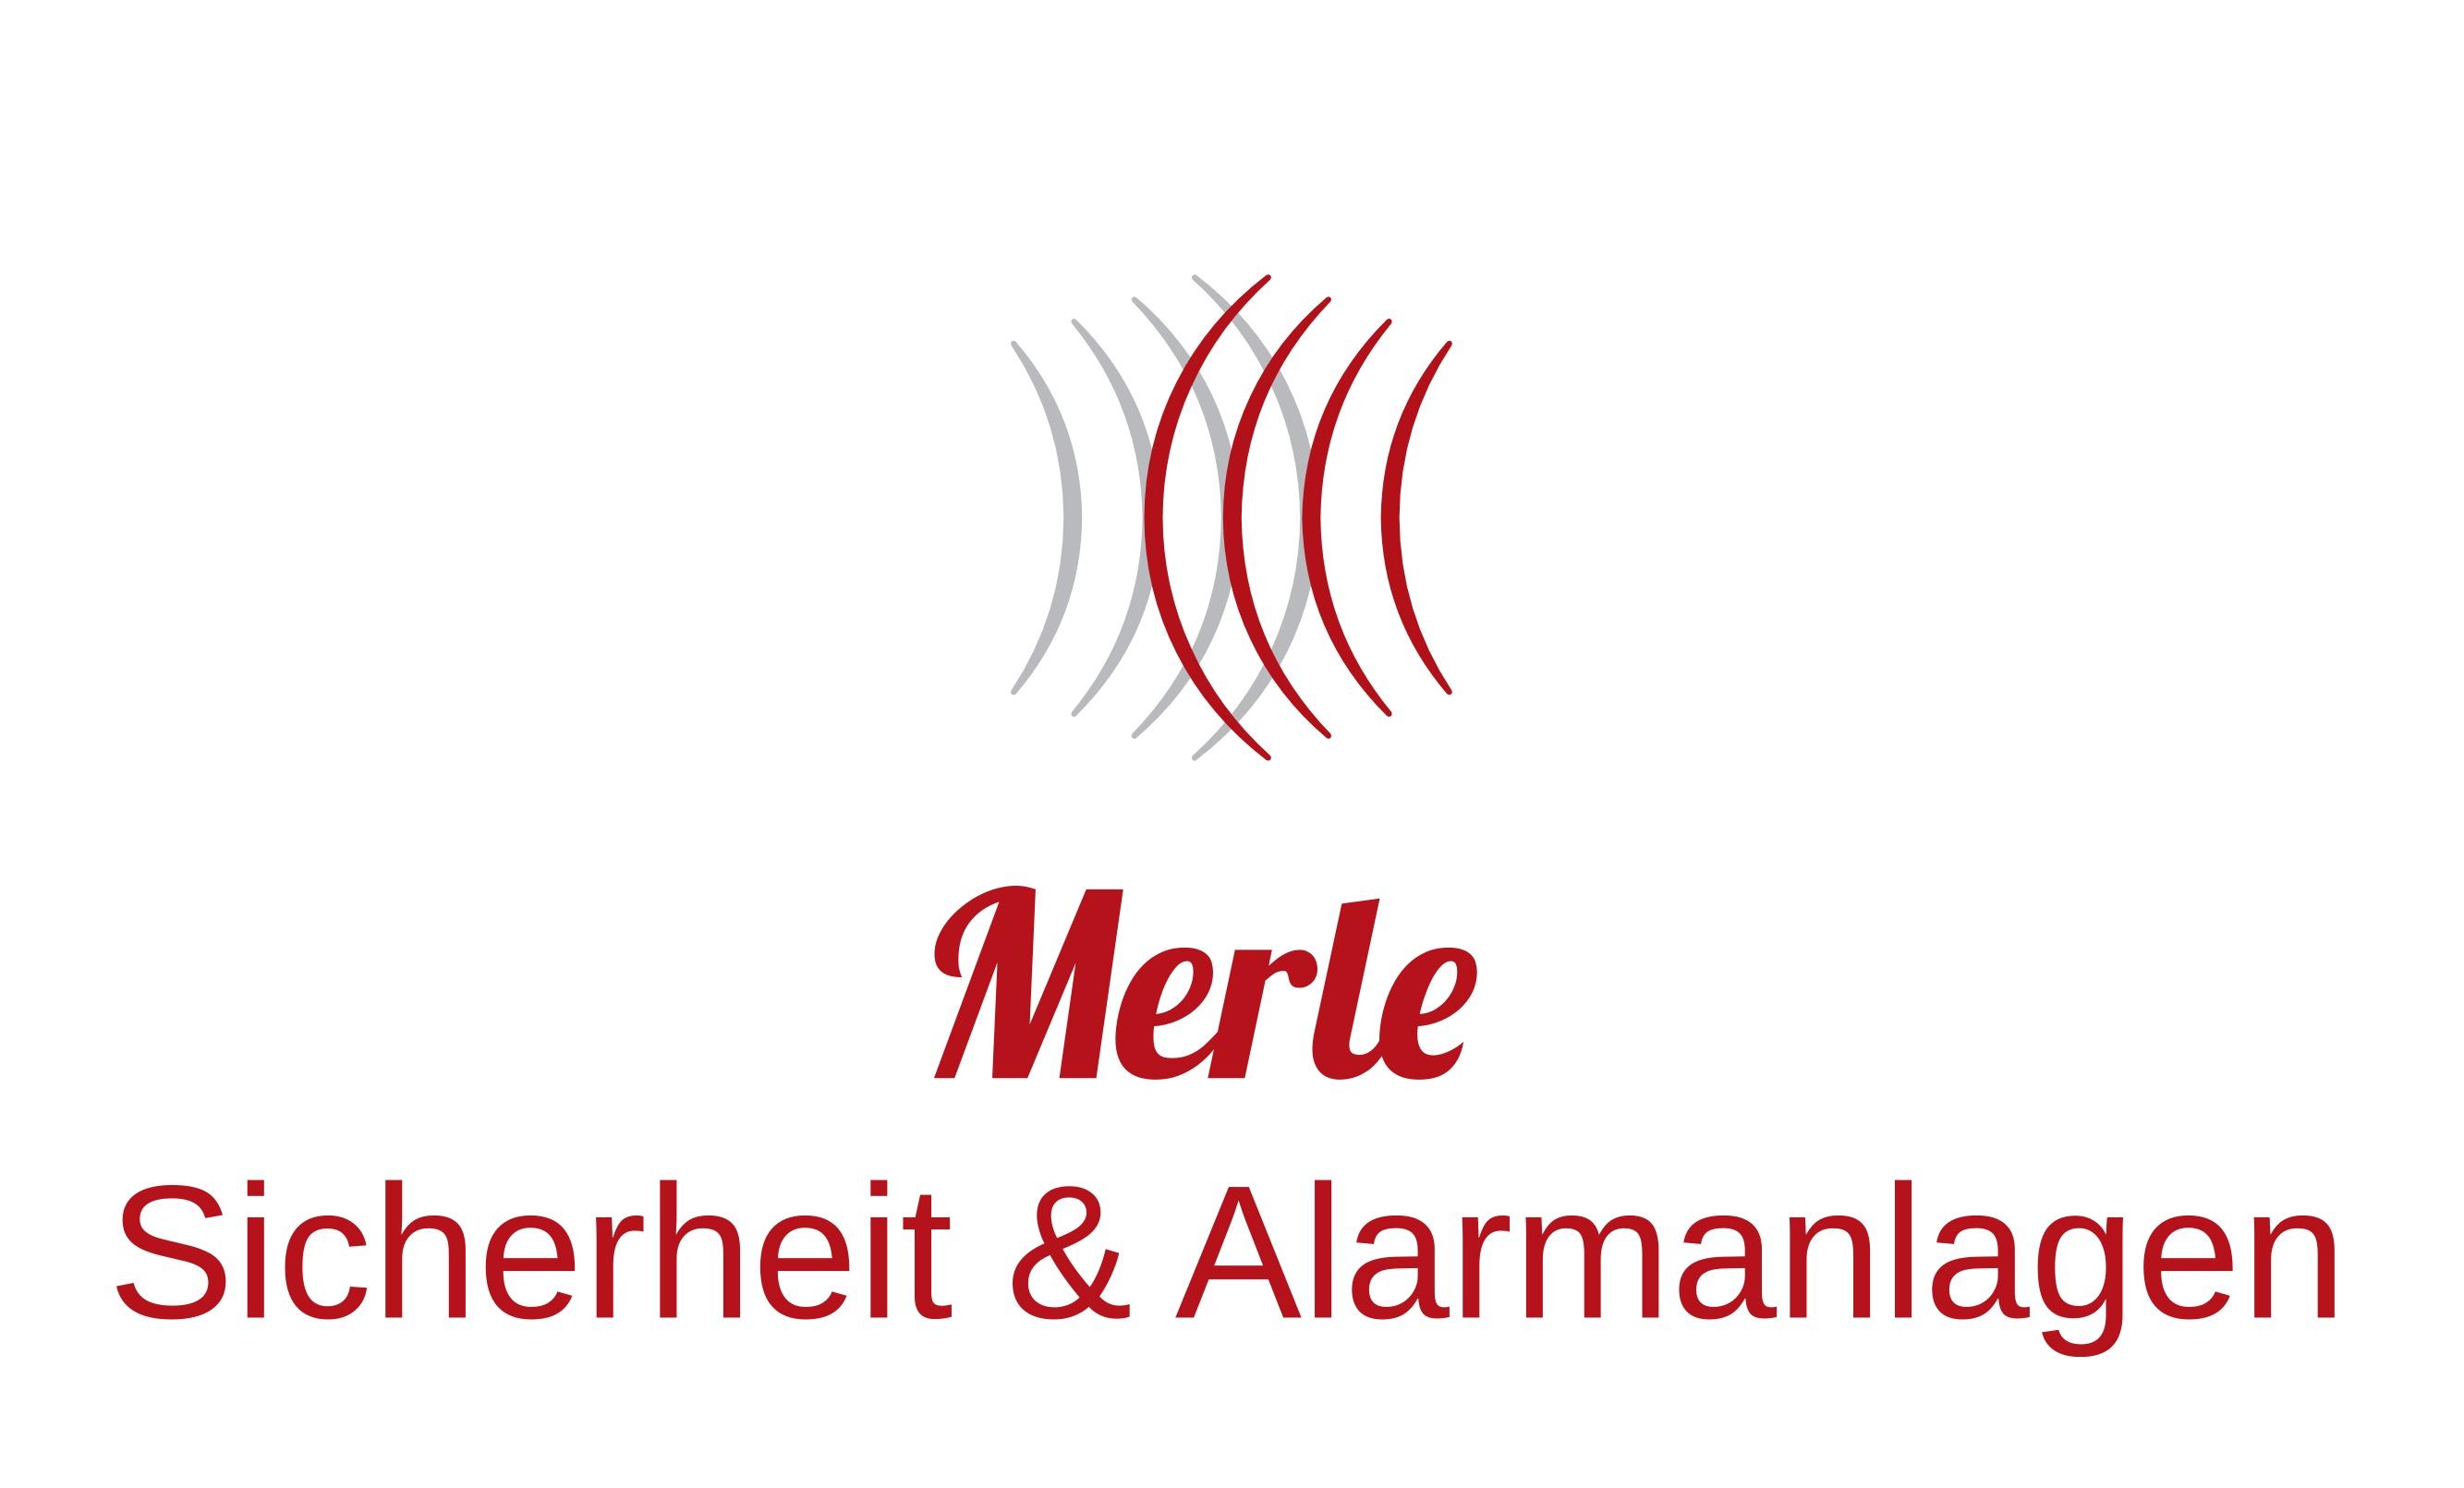 Merle Sicherheit und Alarmanlagen